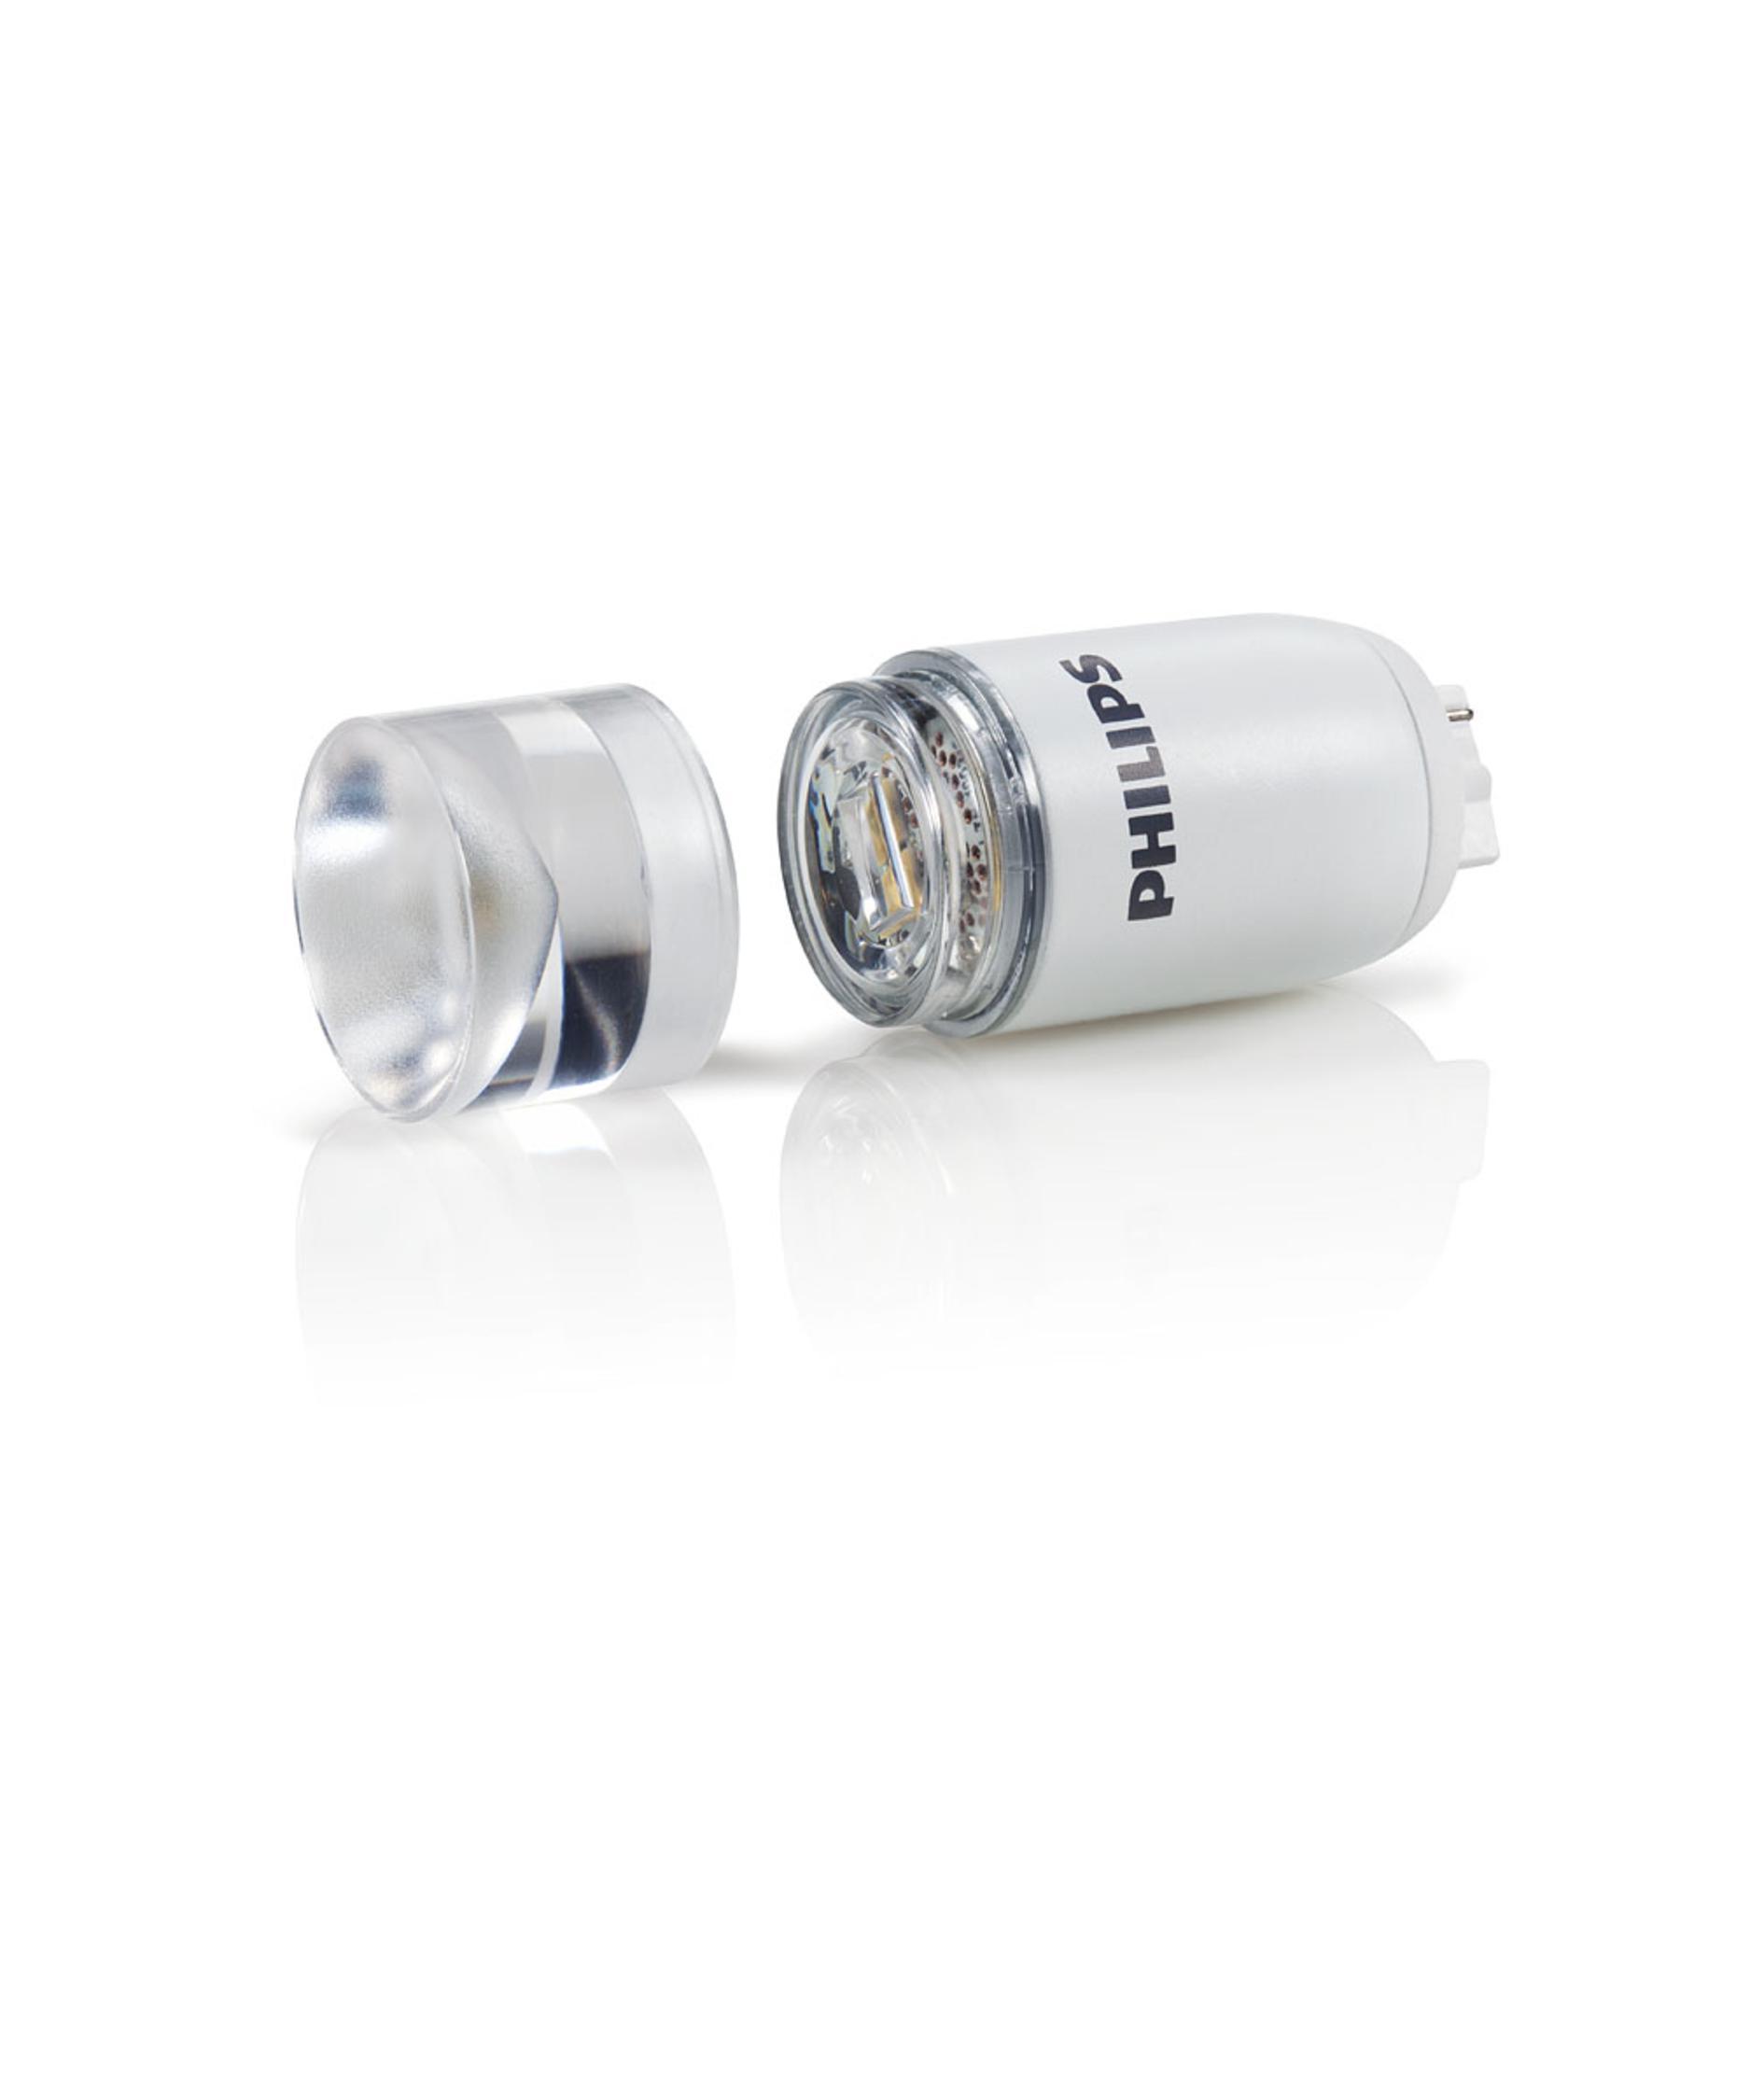 Philips 46677-407995 T3 3W 4000K LED Light Bulb   Capitol Lighting ...